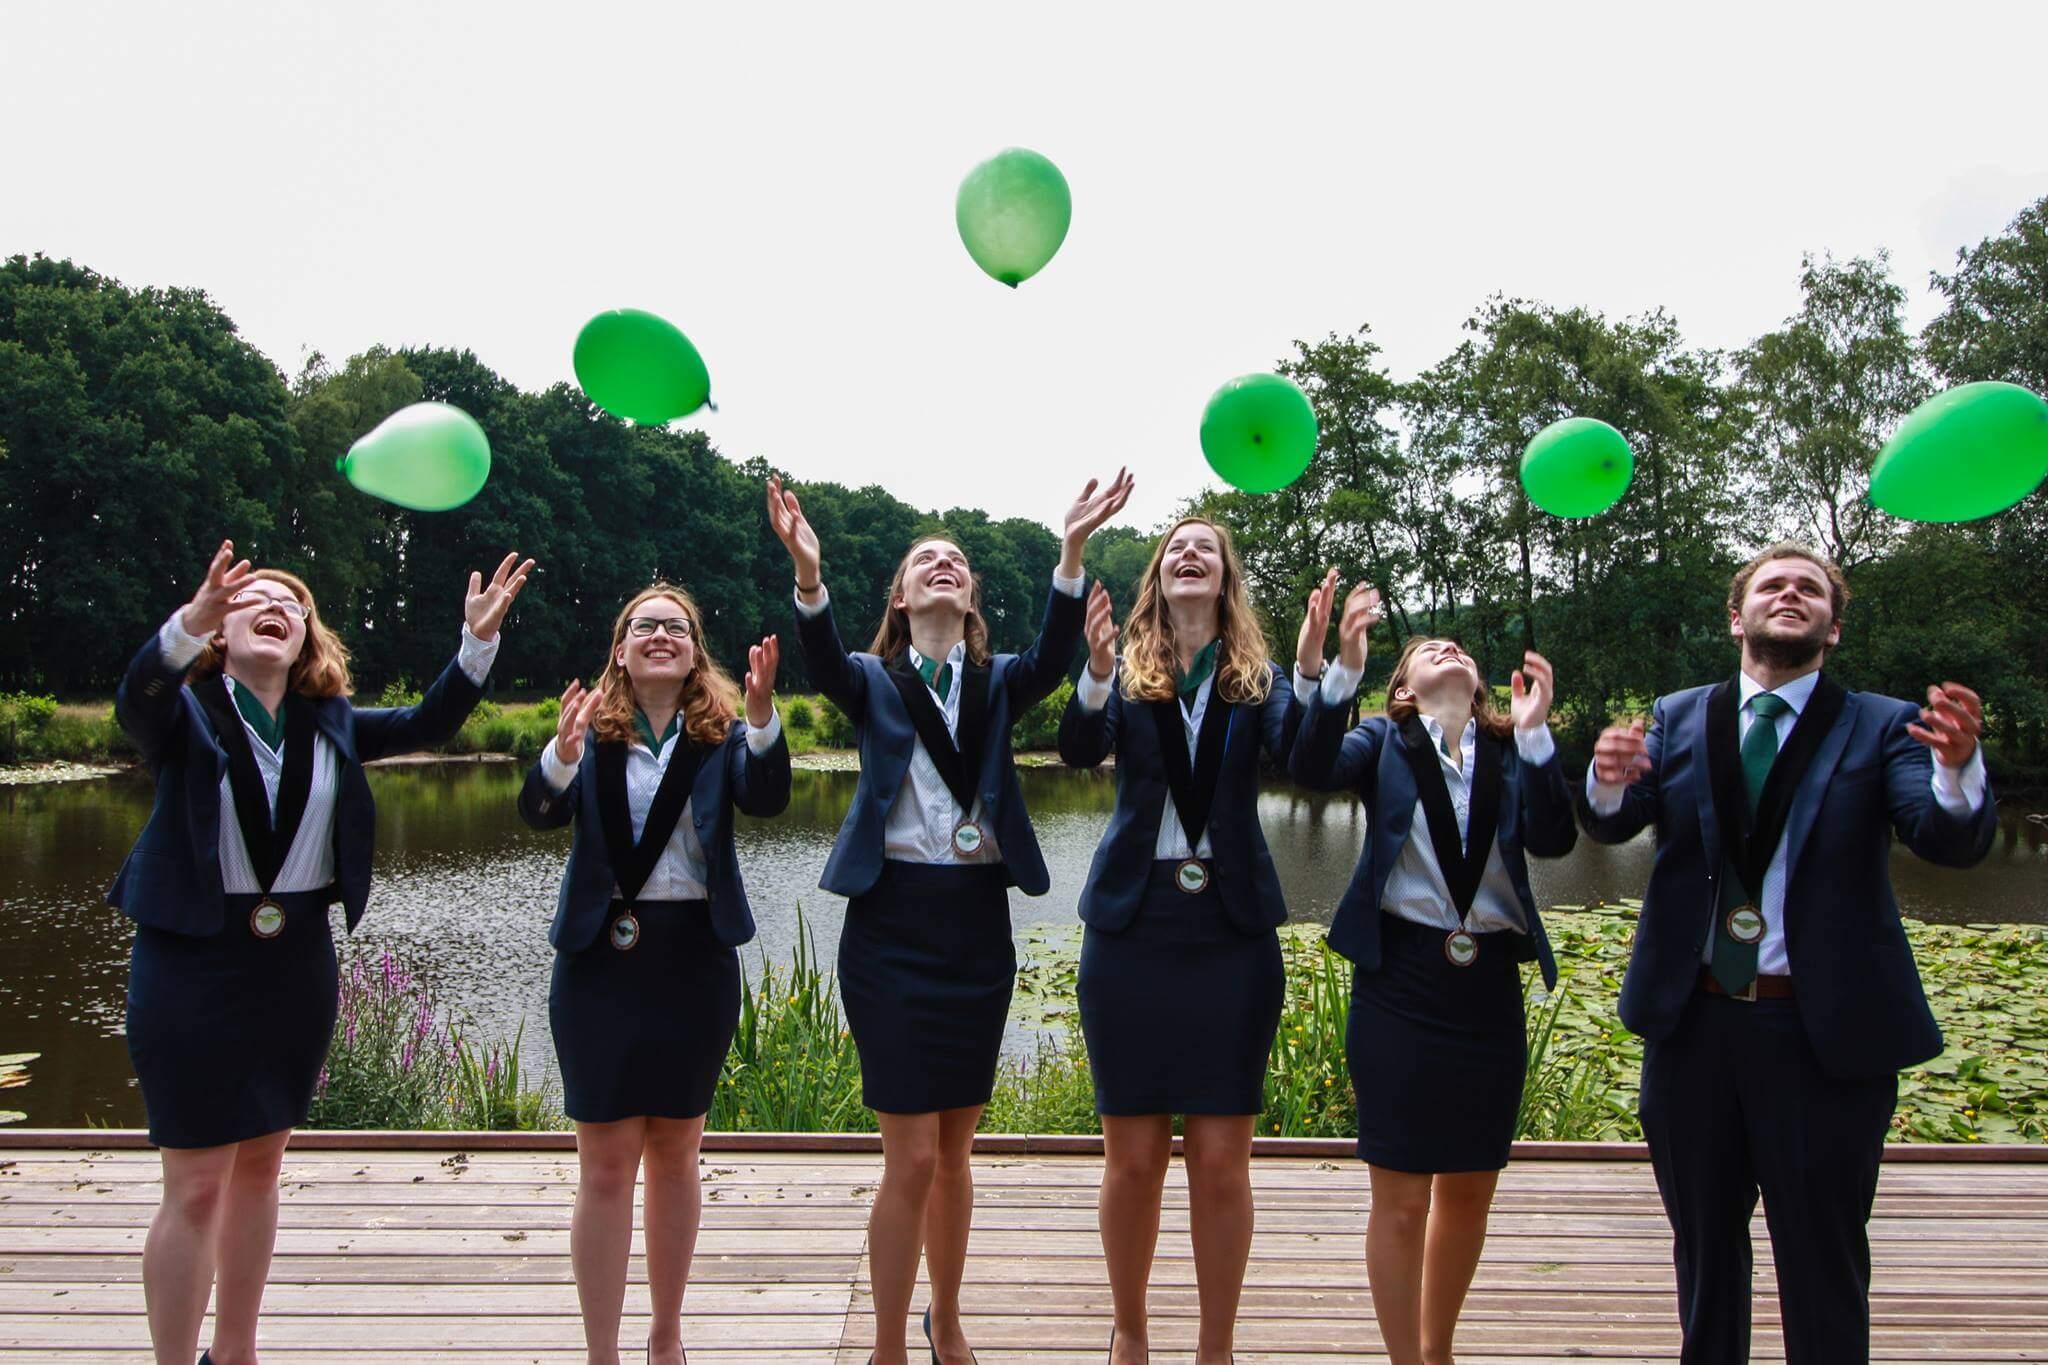 Ichtus Ede Bestuur 2017 - 1 Pak Student Bestuur Vereniging De Oost Bespoke Academy.jpg